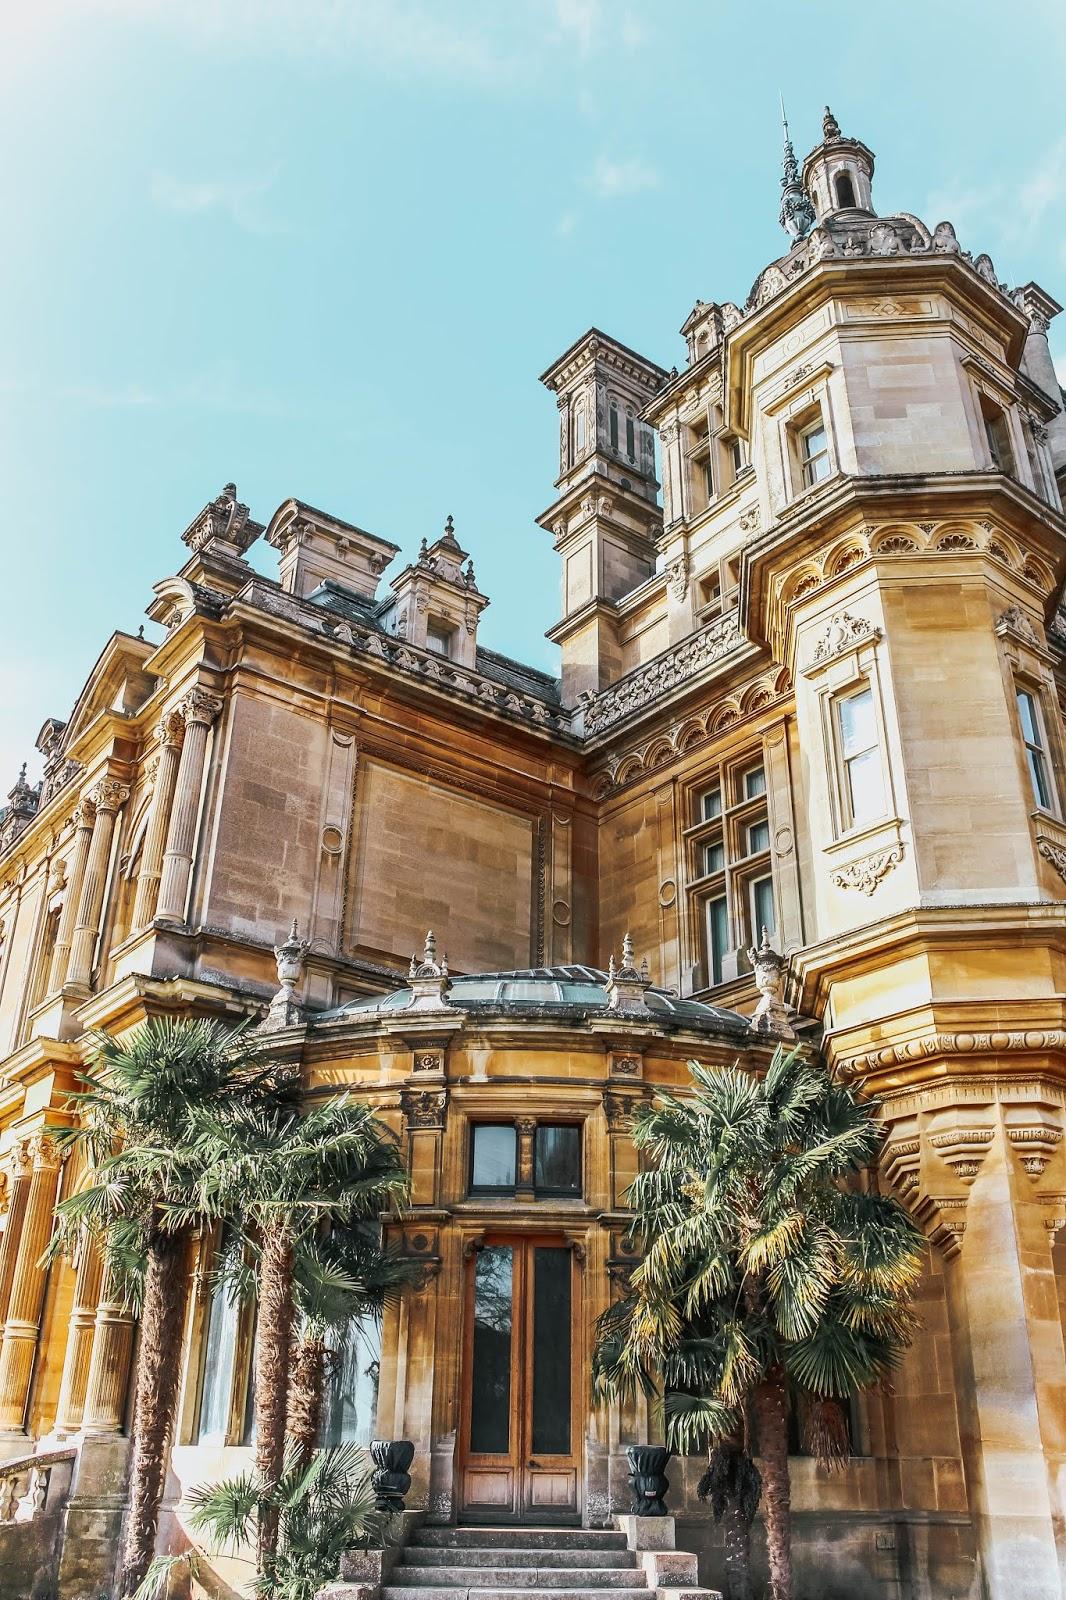 Waddesdon Manor Travel Blog Photography UK